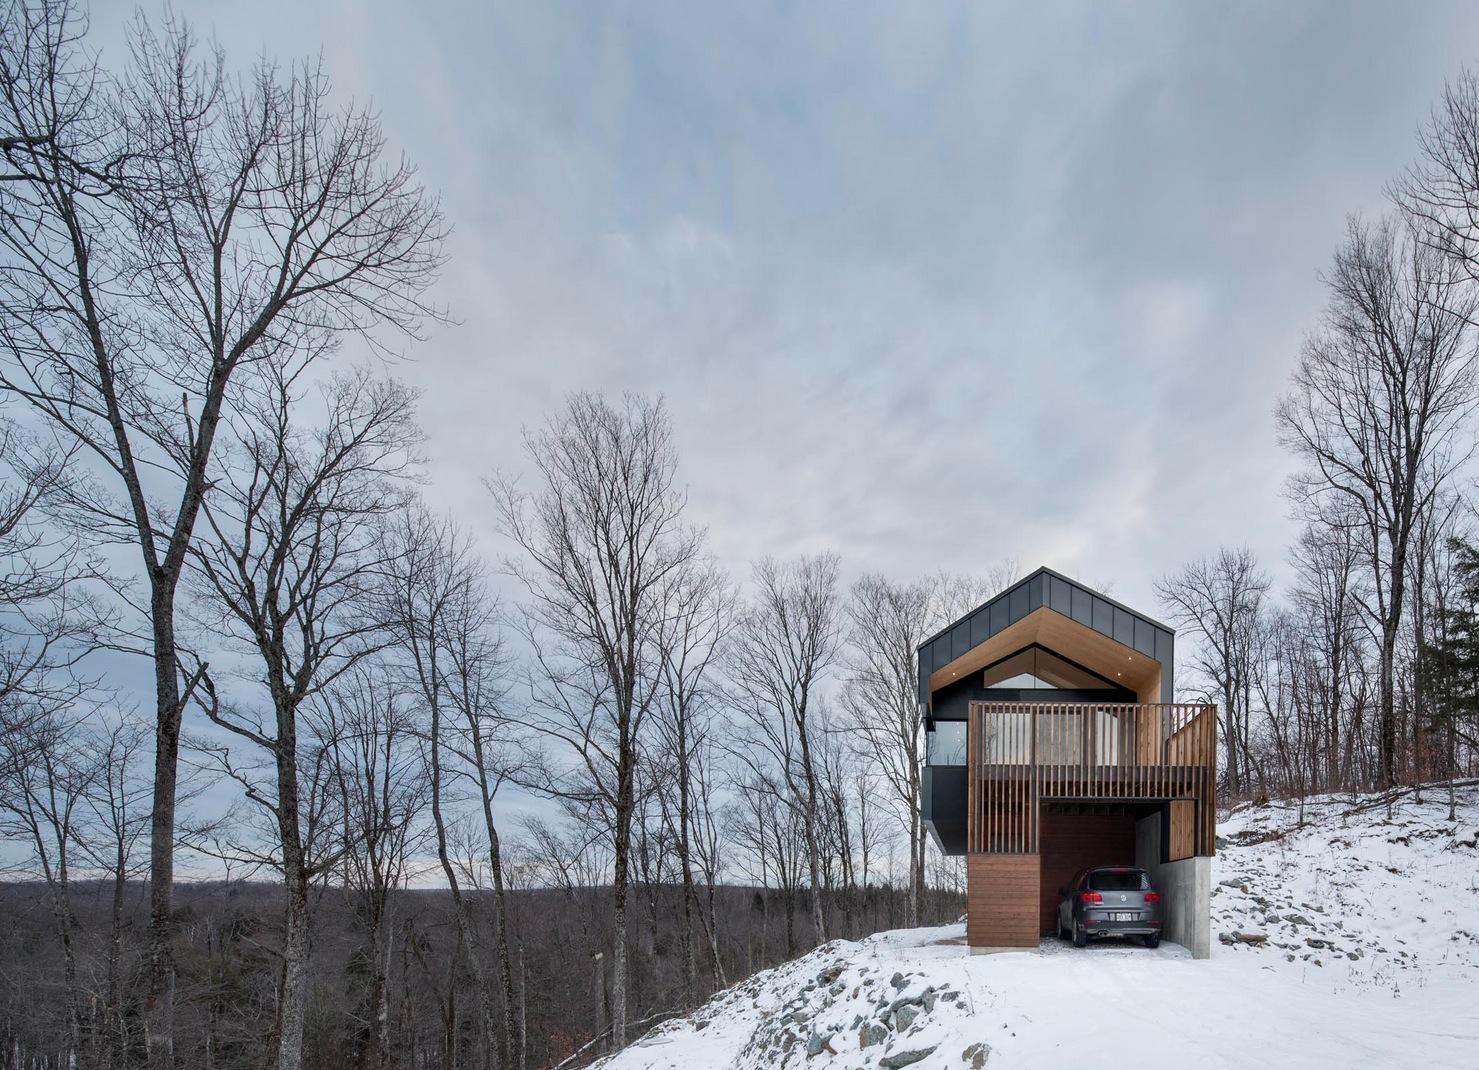 La r sidence bolton en estrie b tir une superbe maison - Maison design foret kube architecture ...